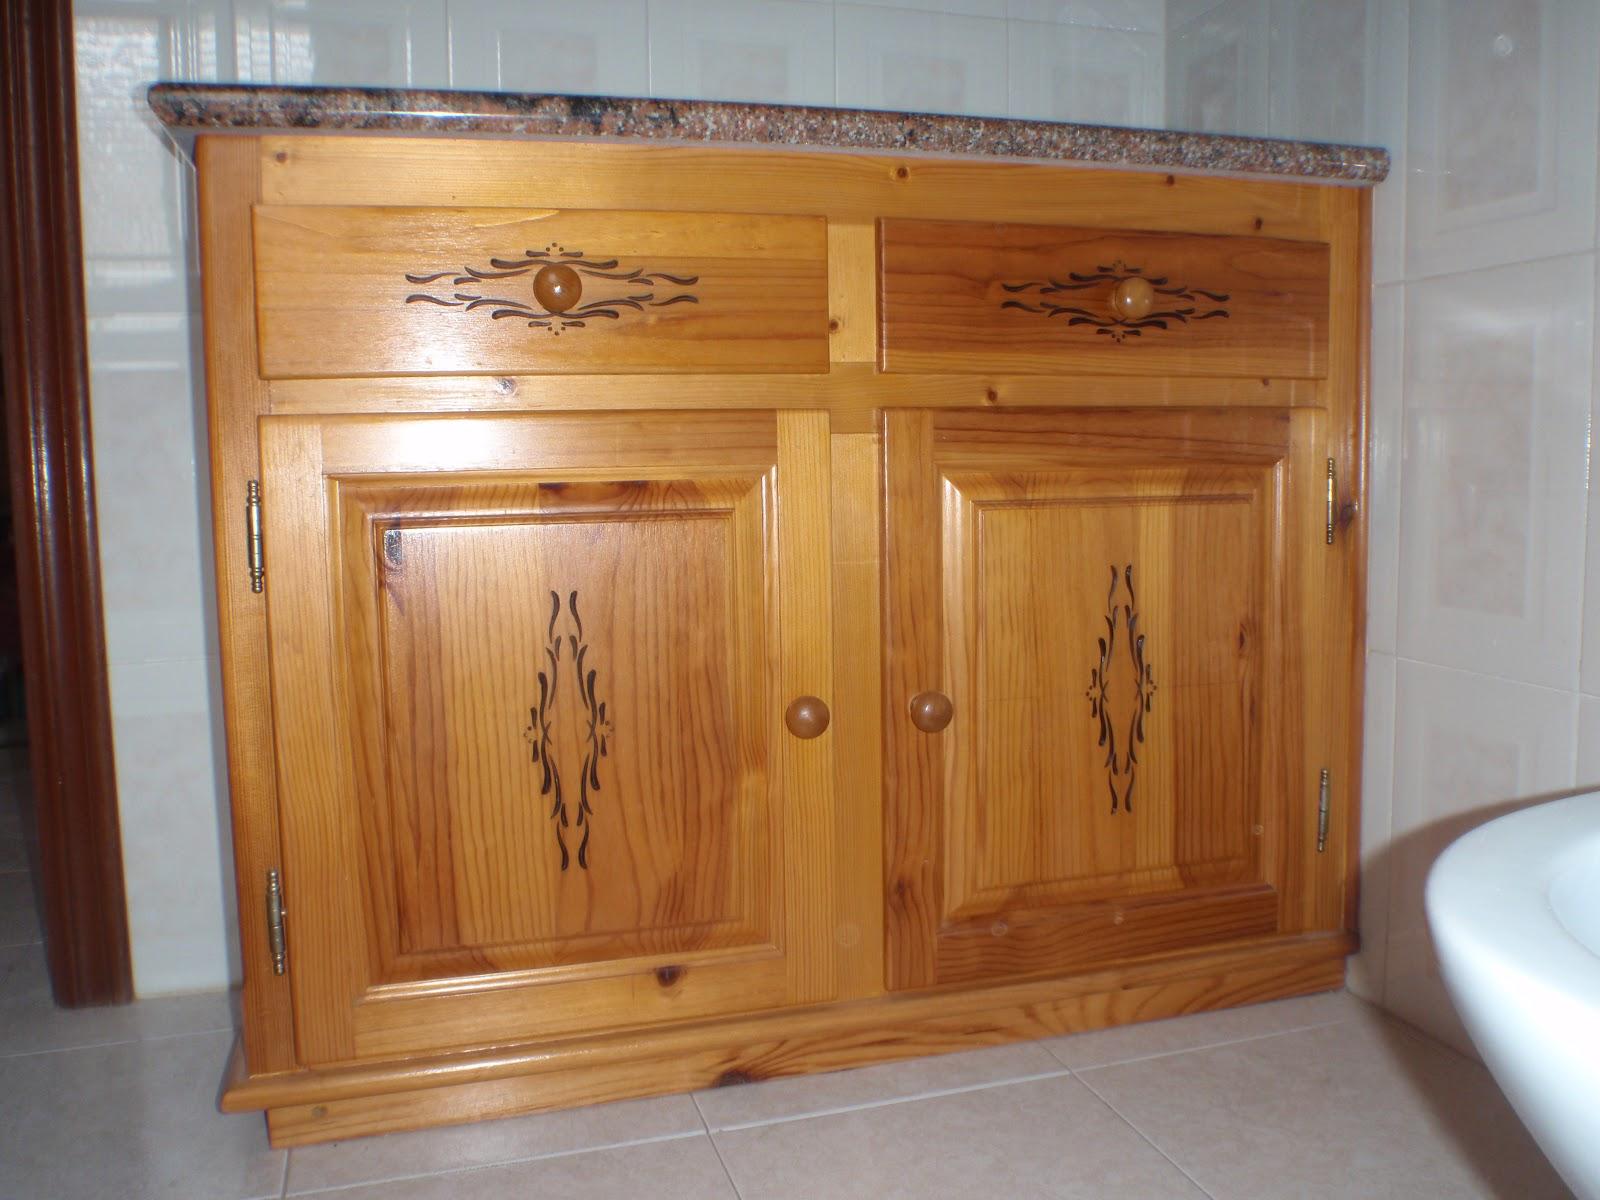 Mis trabajos en madera - Fotos en madera ...